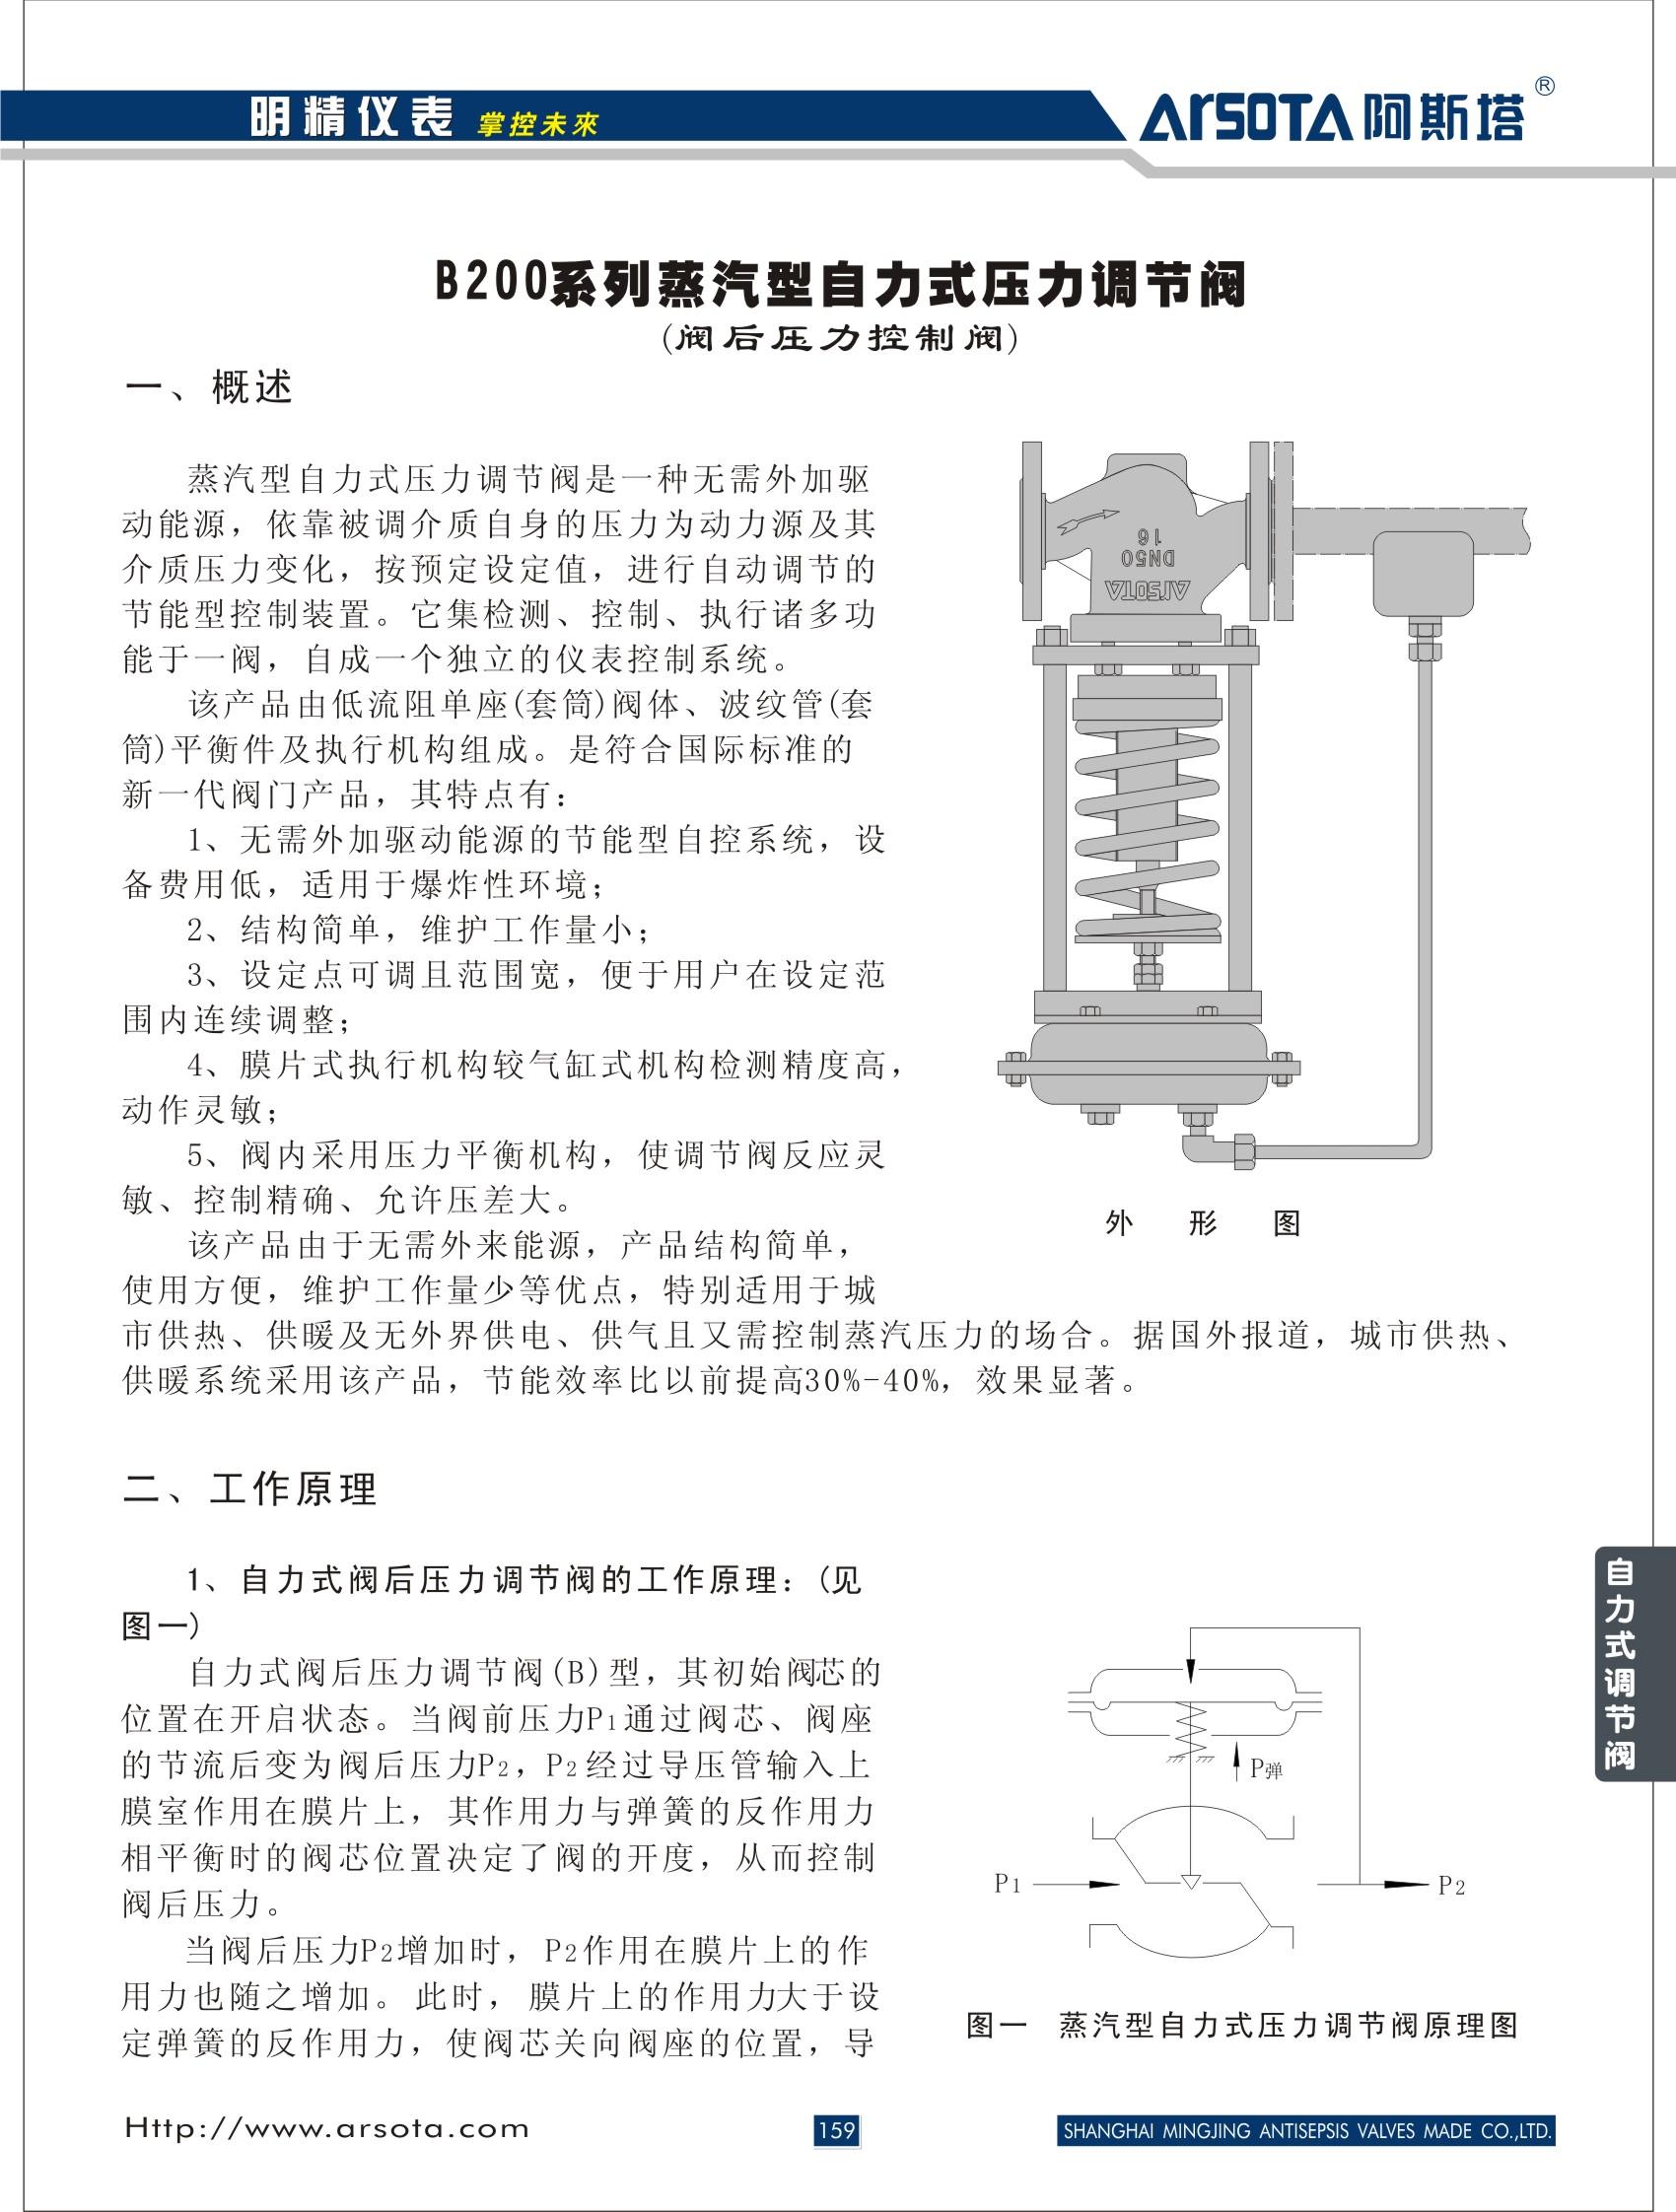 蒸汽型自力式压力调节阀图片